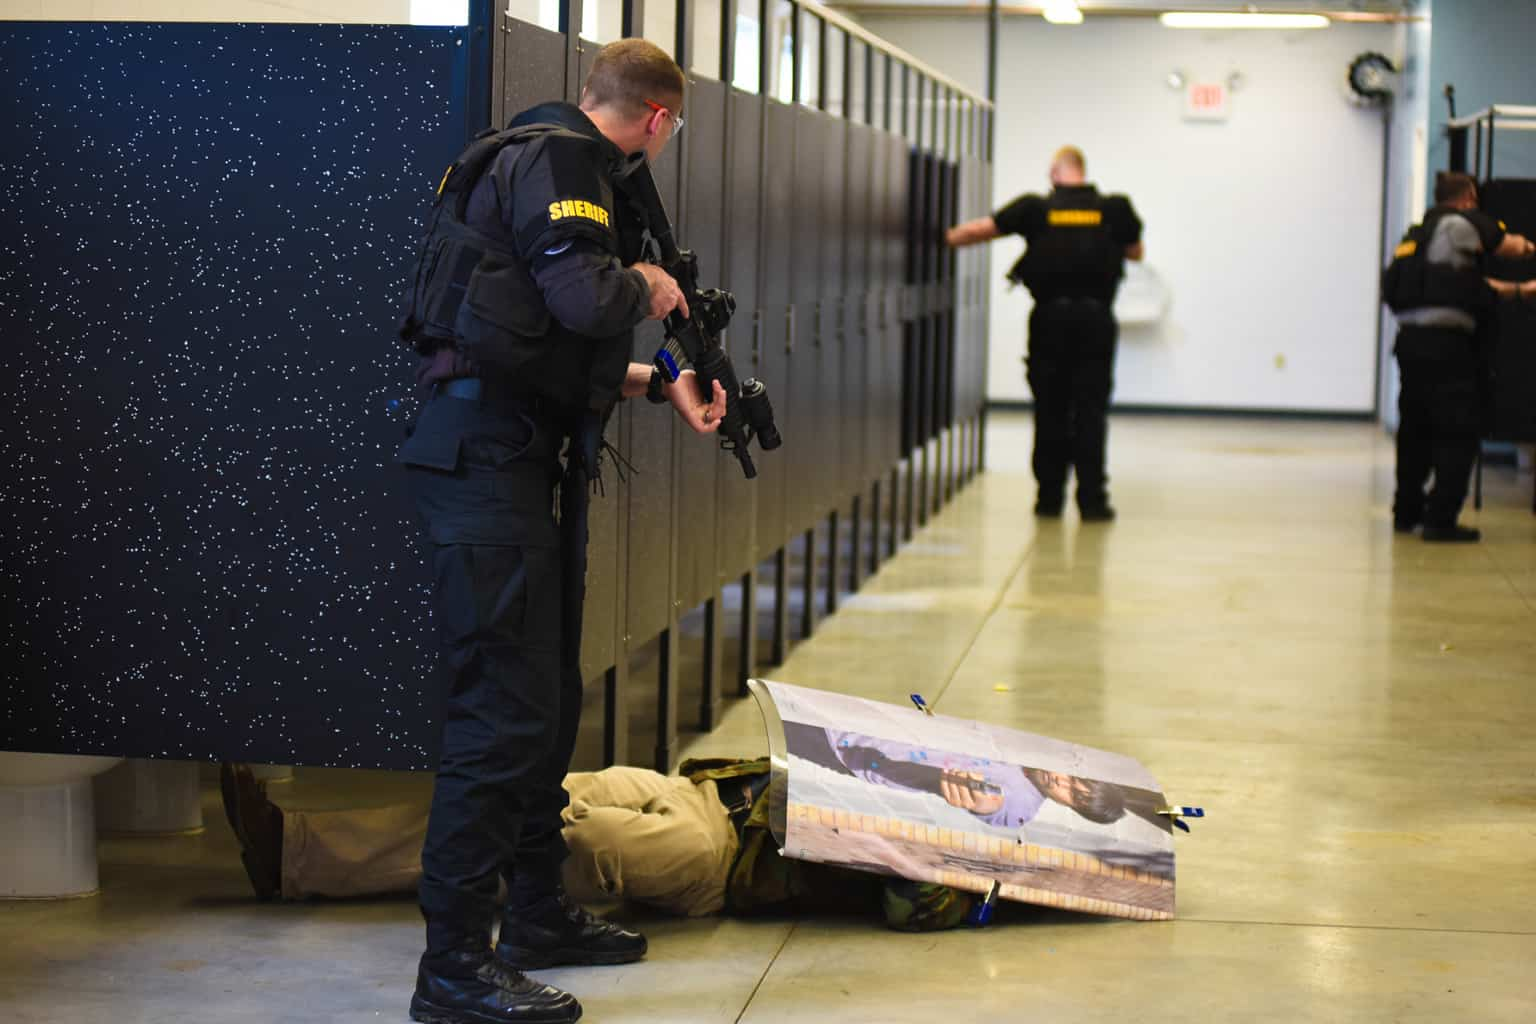 swat-response-to-a-public-venue-12